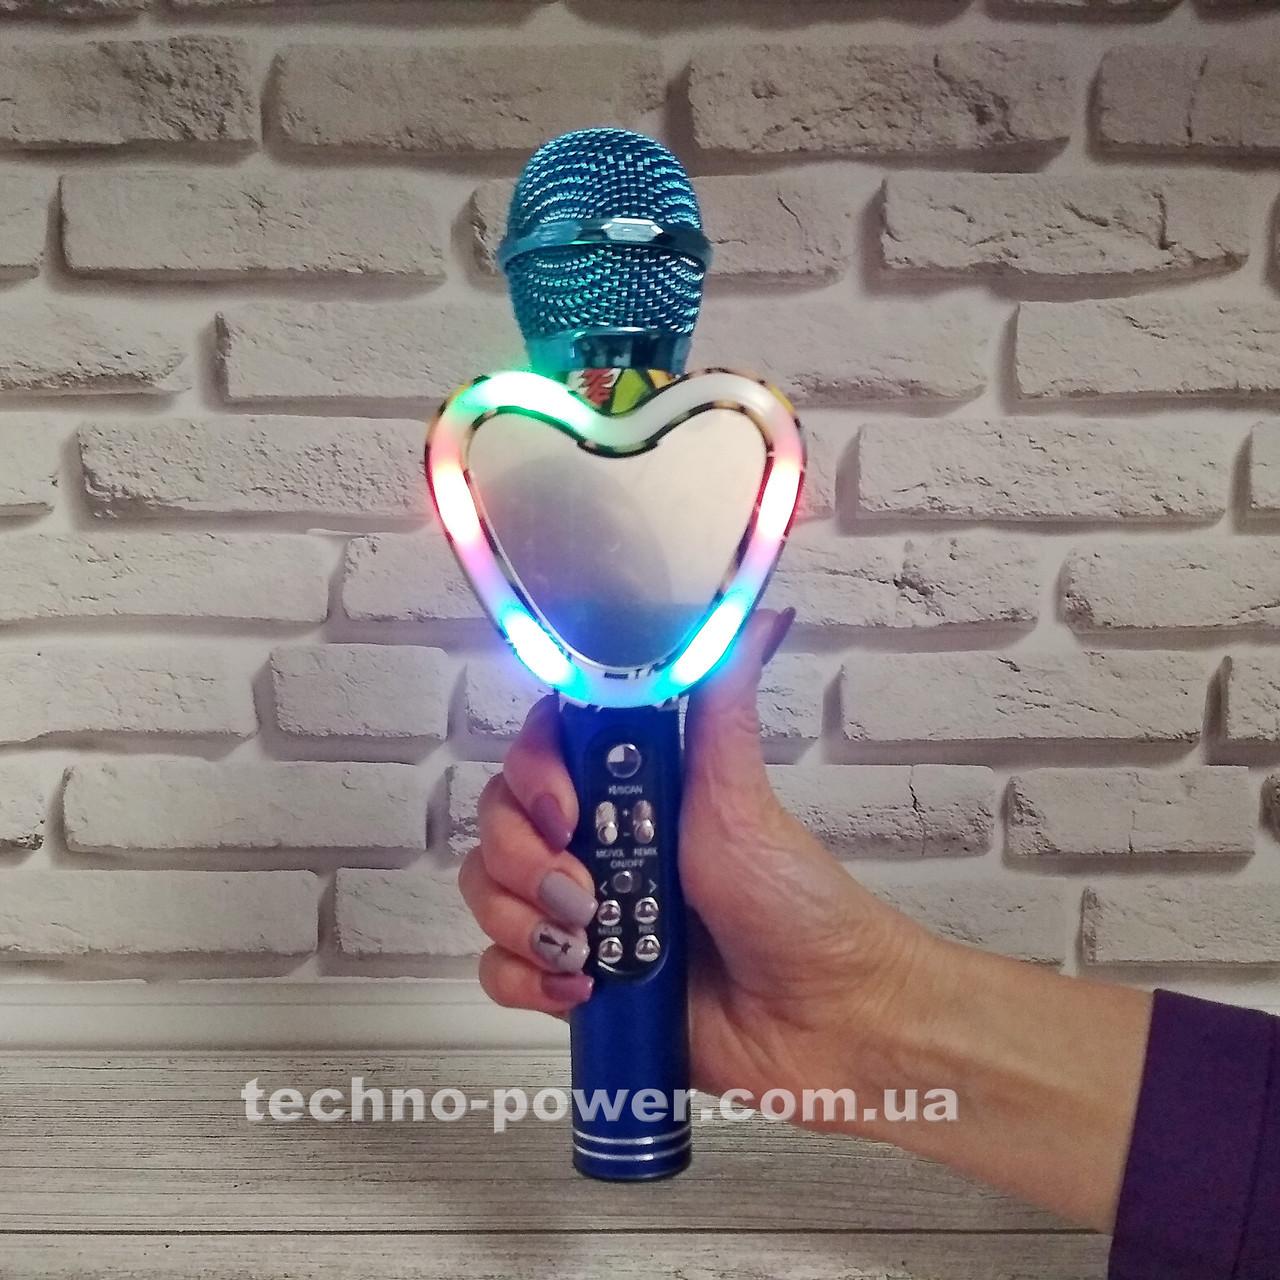 Портативный bluetooth караоке-микрофон Q5 Сердце Синий с подсветкой